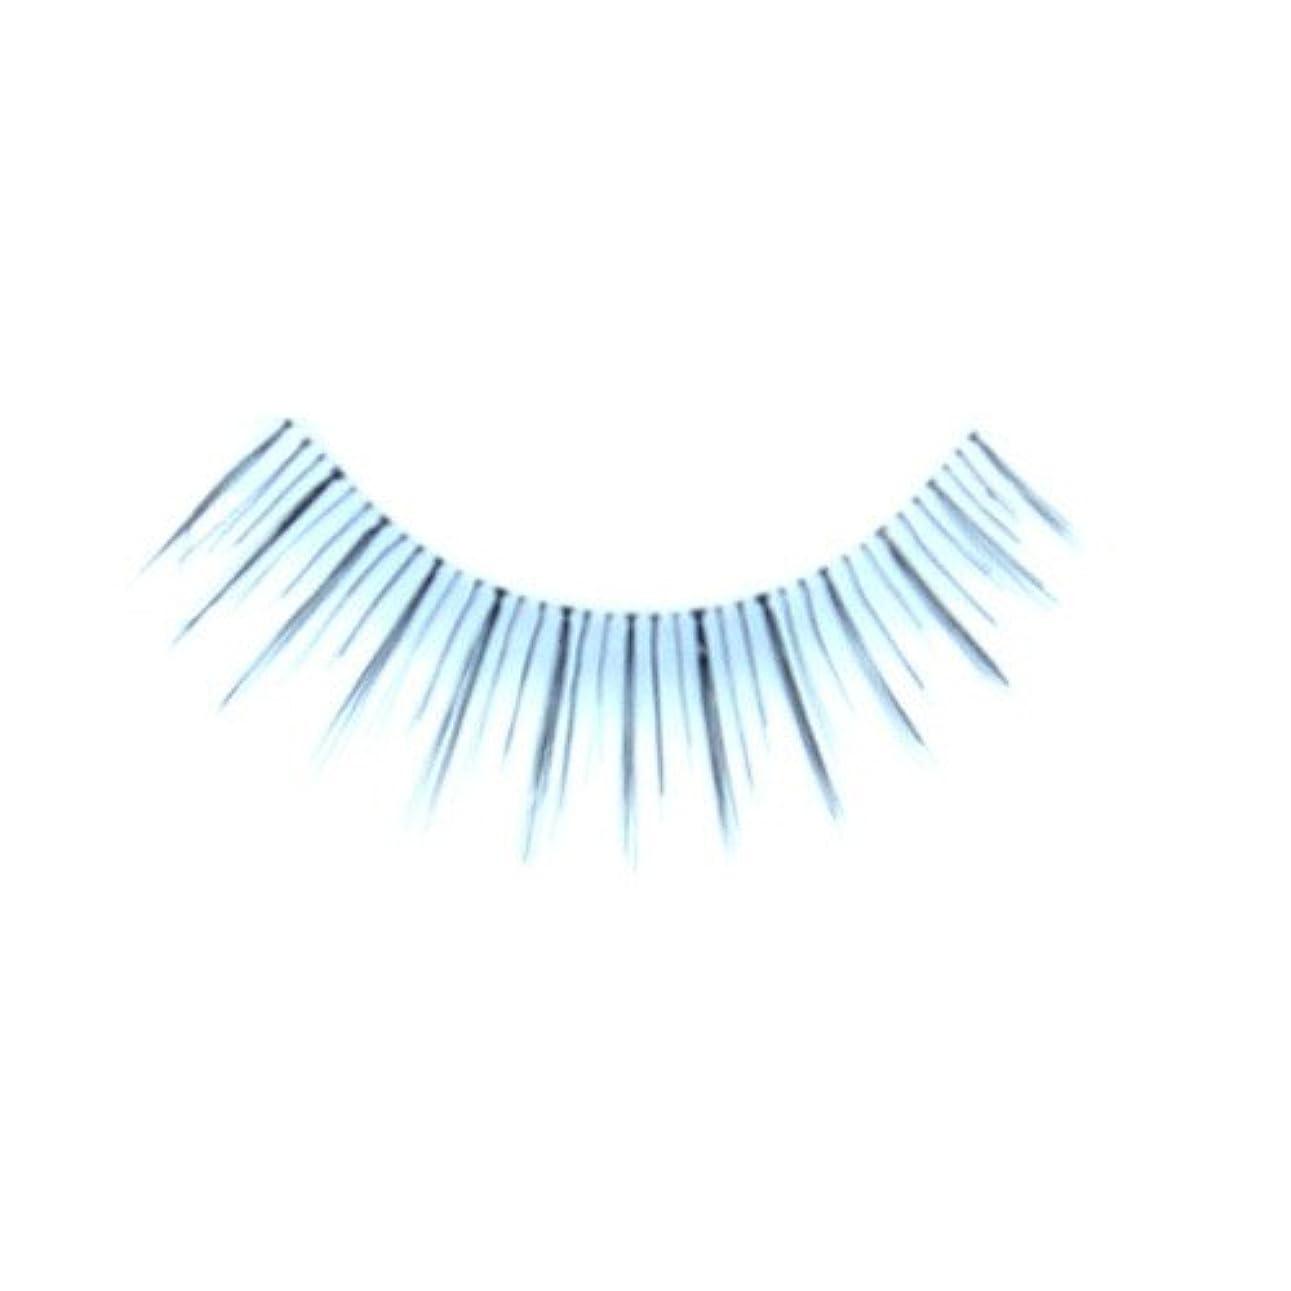 クライマックス酔う差別化するCHERRY BLOSSOM False Eyelashes - CBFL503 (並行輸入品)